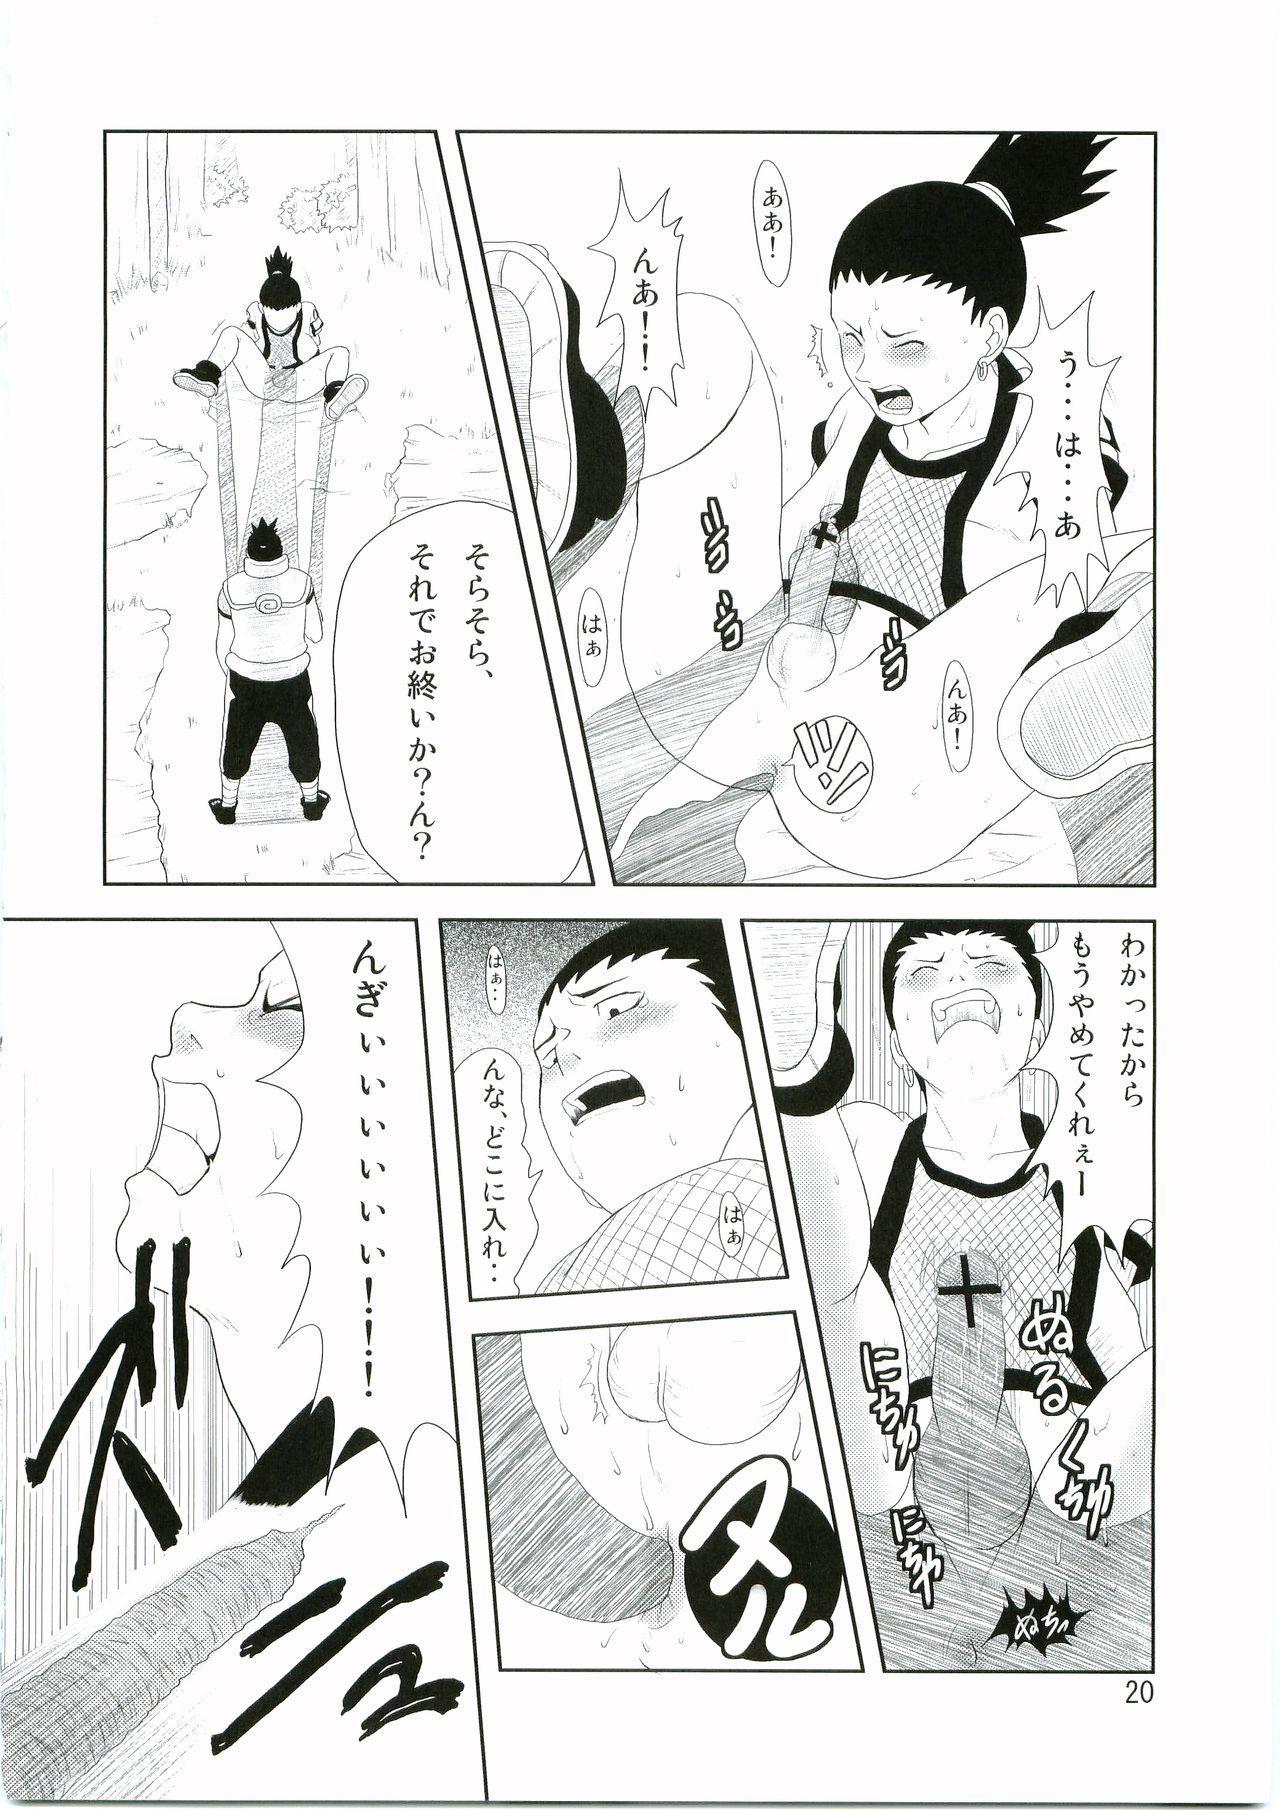 Shinobi no Kokoroe 20